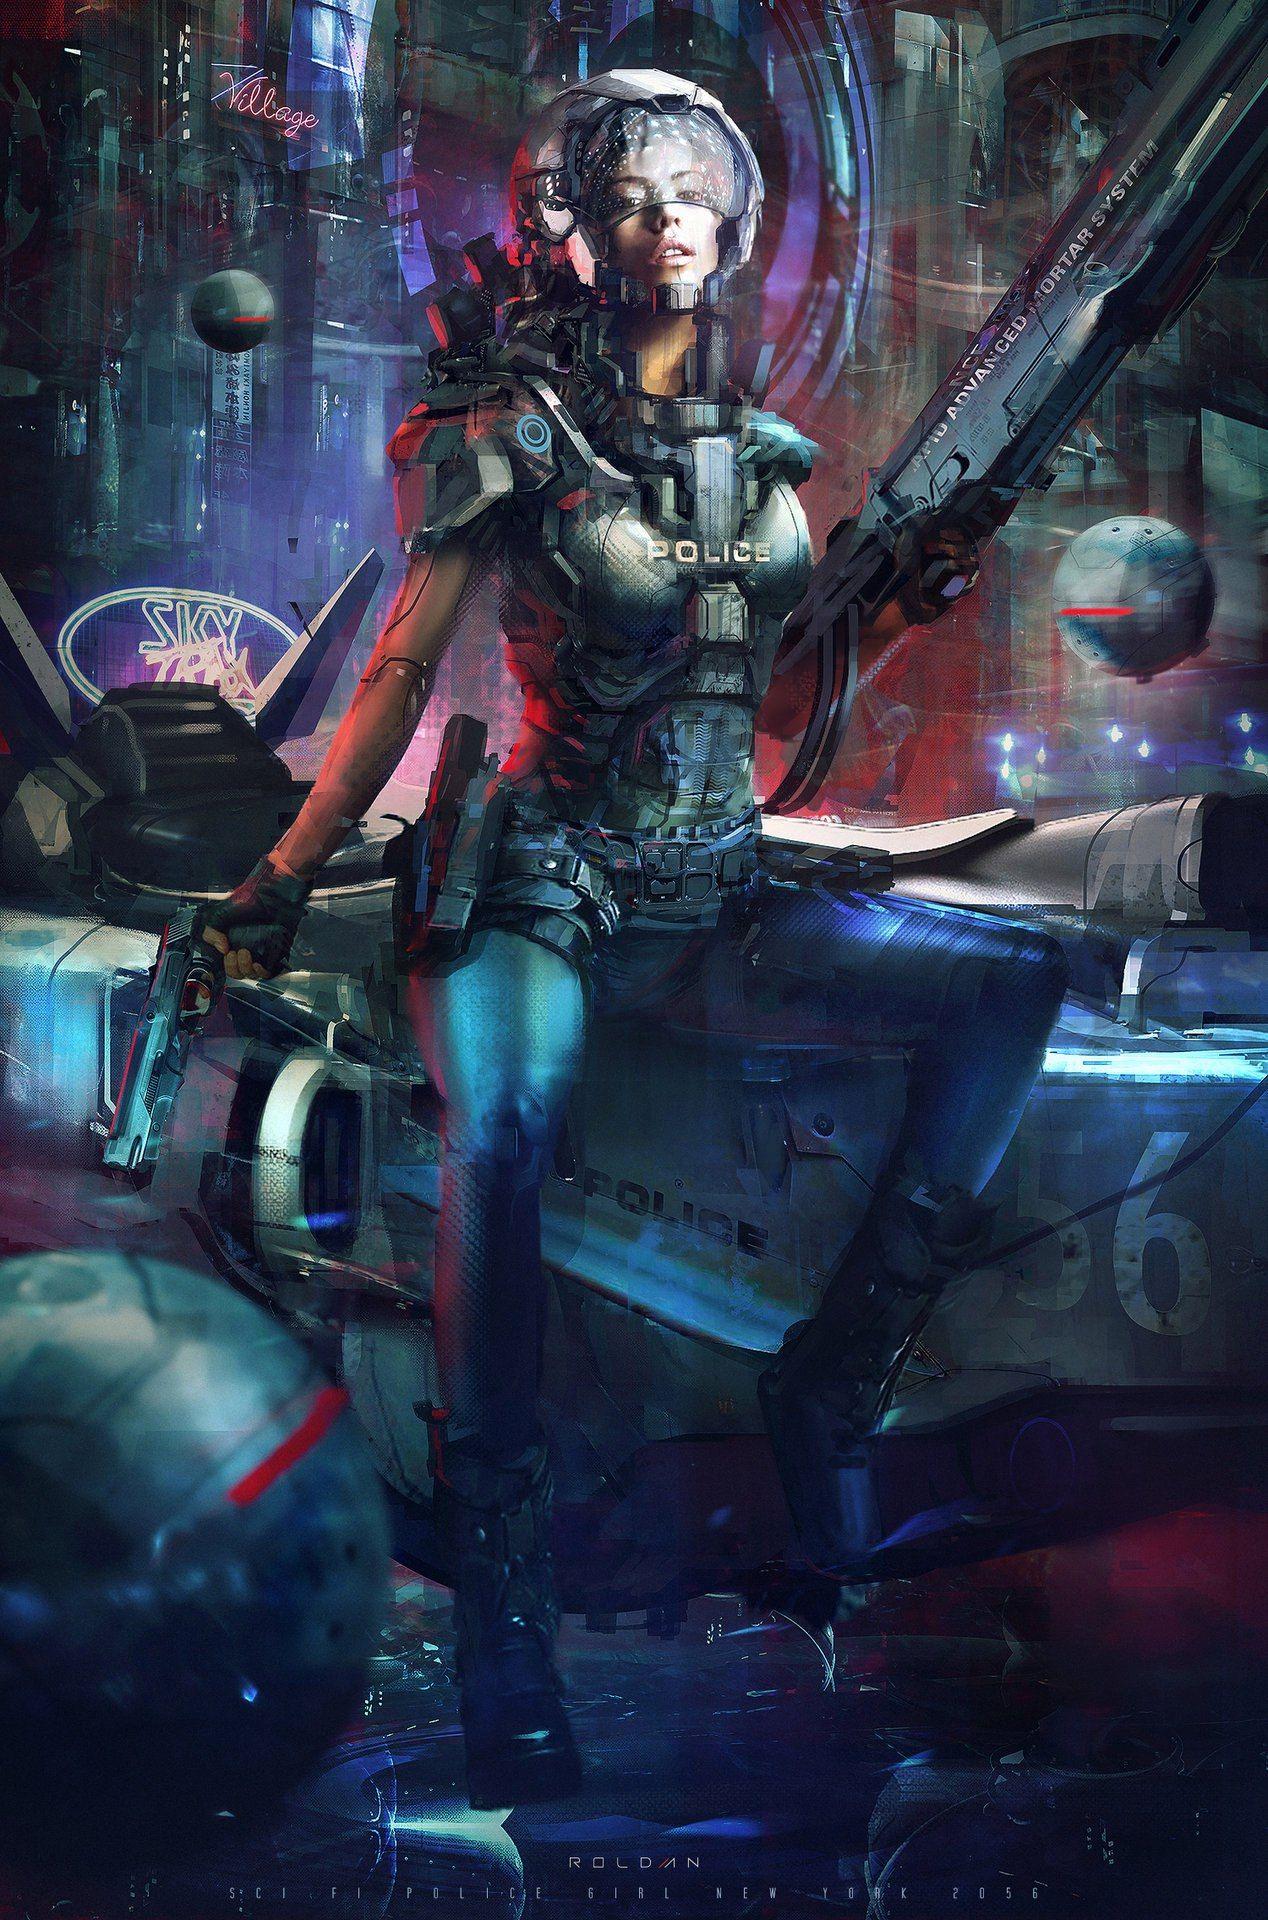 87547b54b60eb26a70c9b818cf36cf54.jpg - Cyberpunk 2077